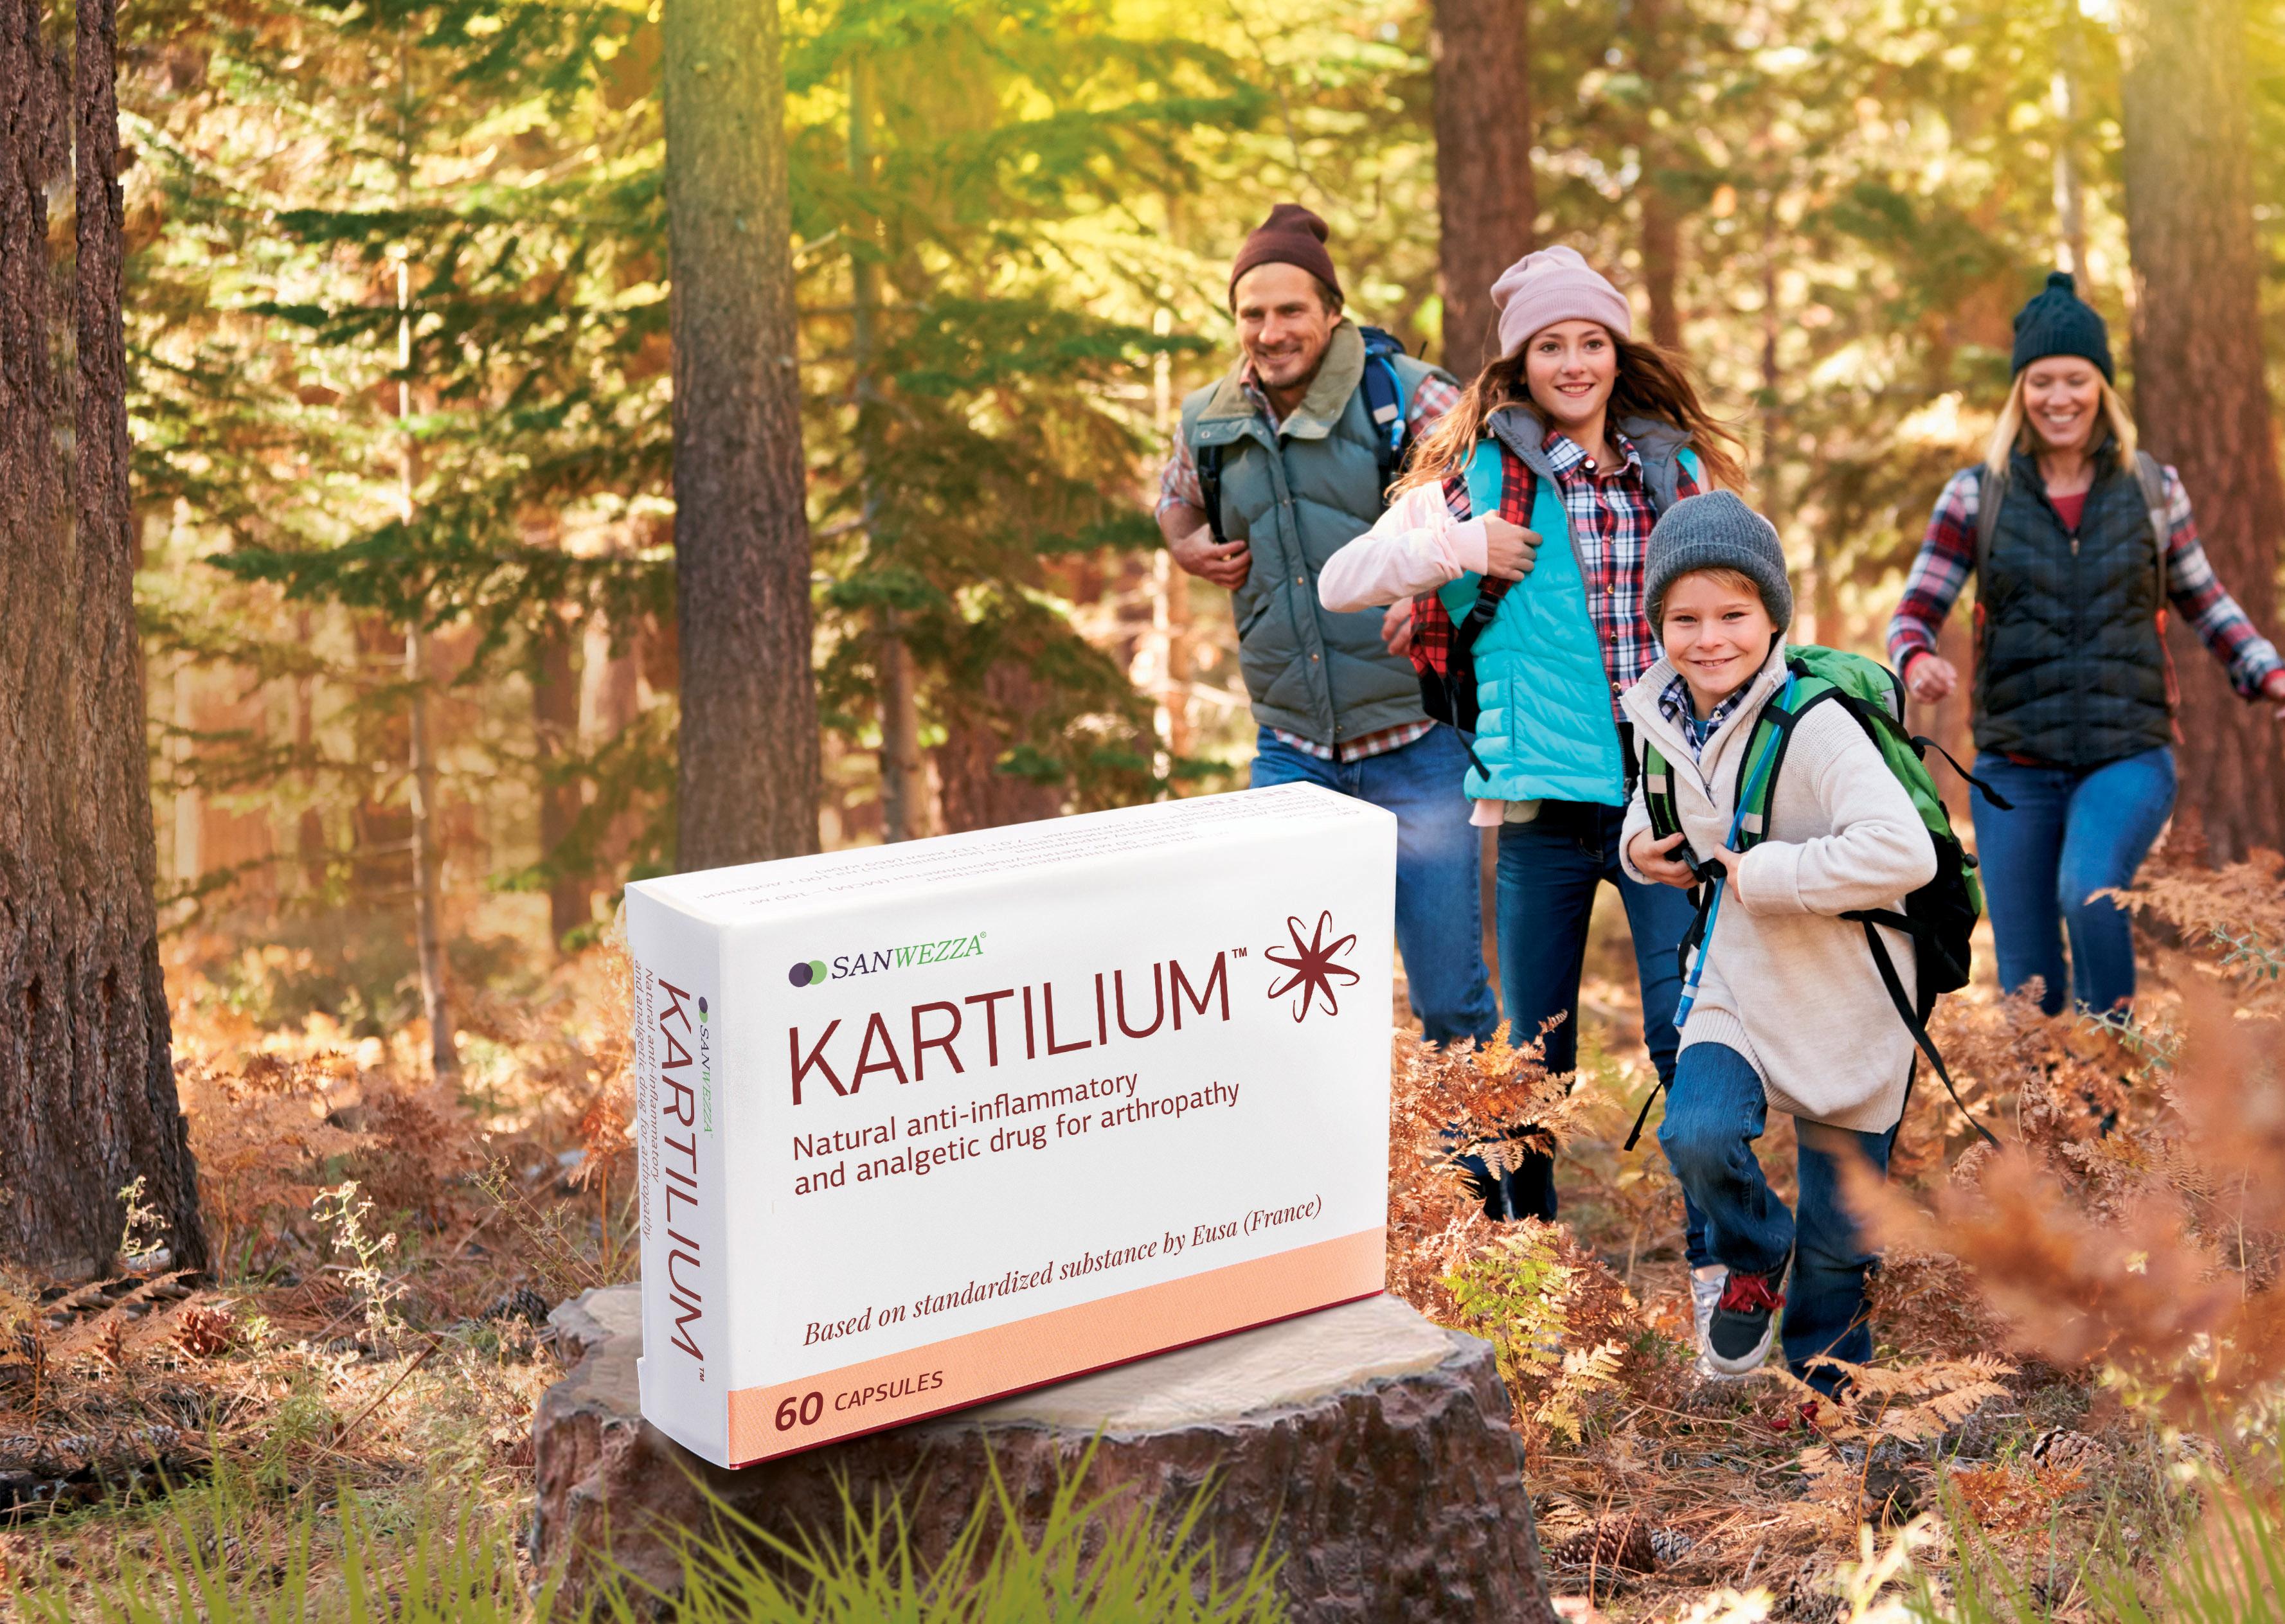 Дизайн фармацевтической упаковки для лекарства Картилиум, Kartilium pharmacy packaging design